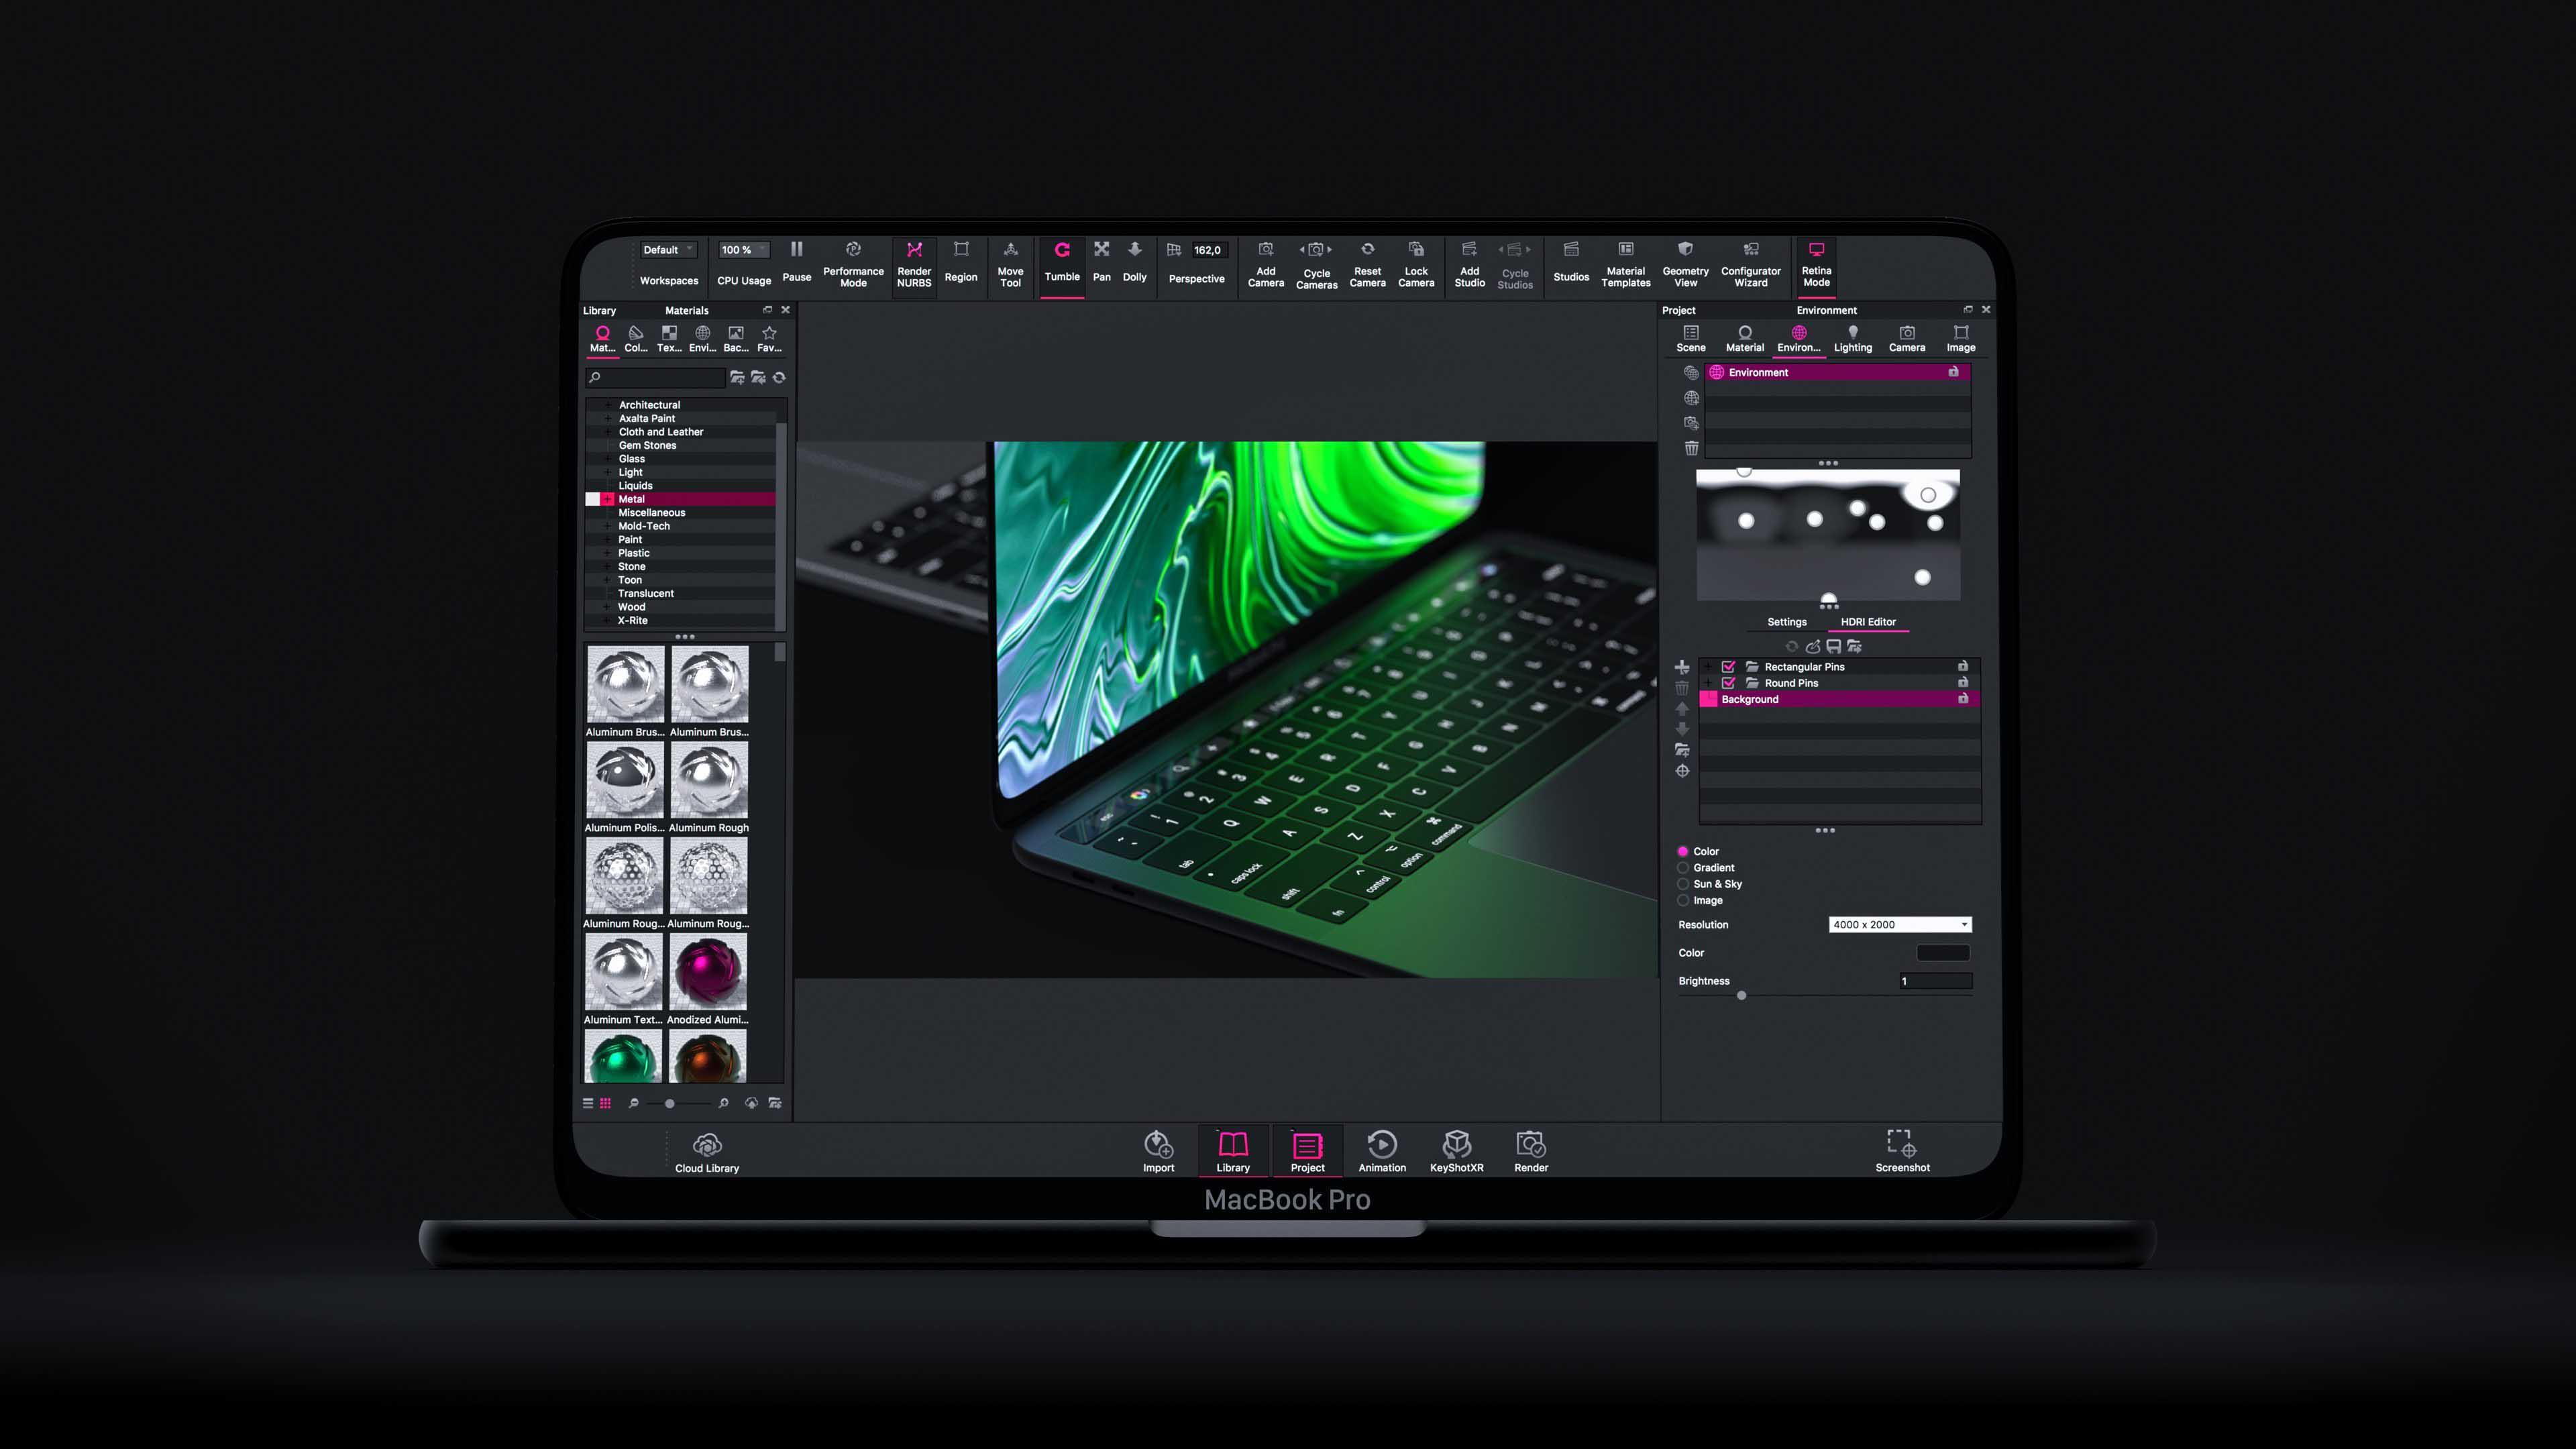 macbook-pro-2019-koncept-1